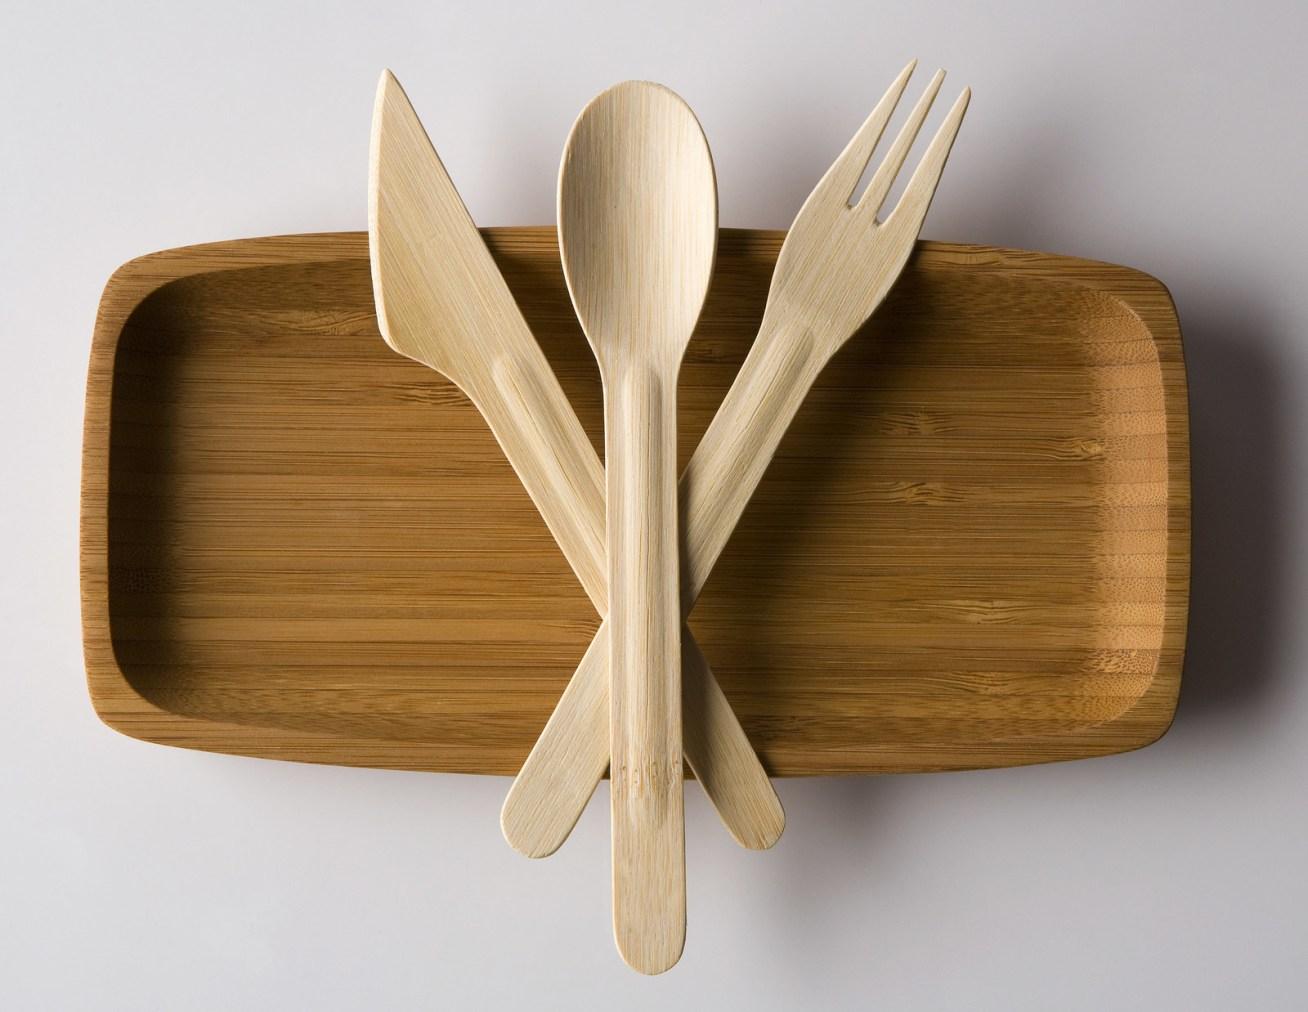 También ayudaría un montón que lleves en tu carro o bolso cubiertos de bambú, para usarlos cuando vayas a comer en un sitio que ofrezca cubertería de plástico.